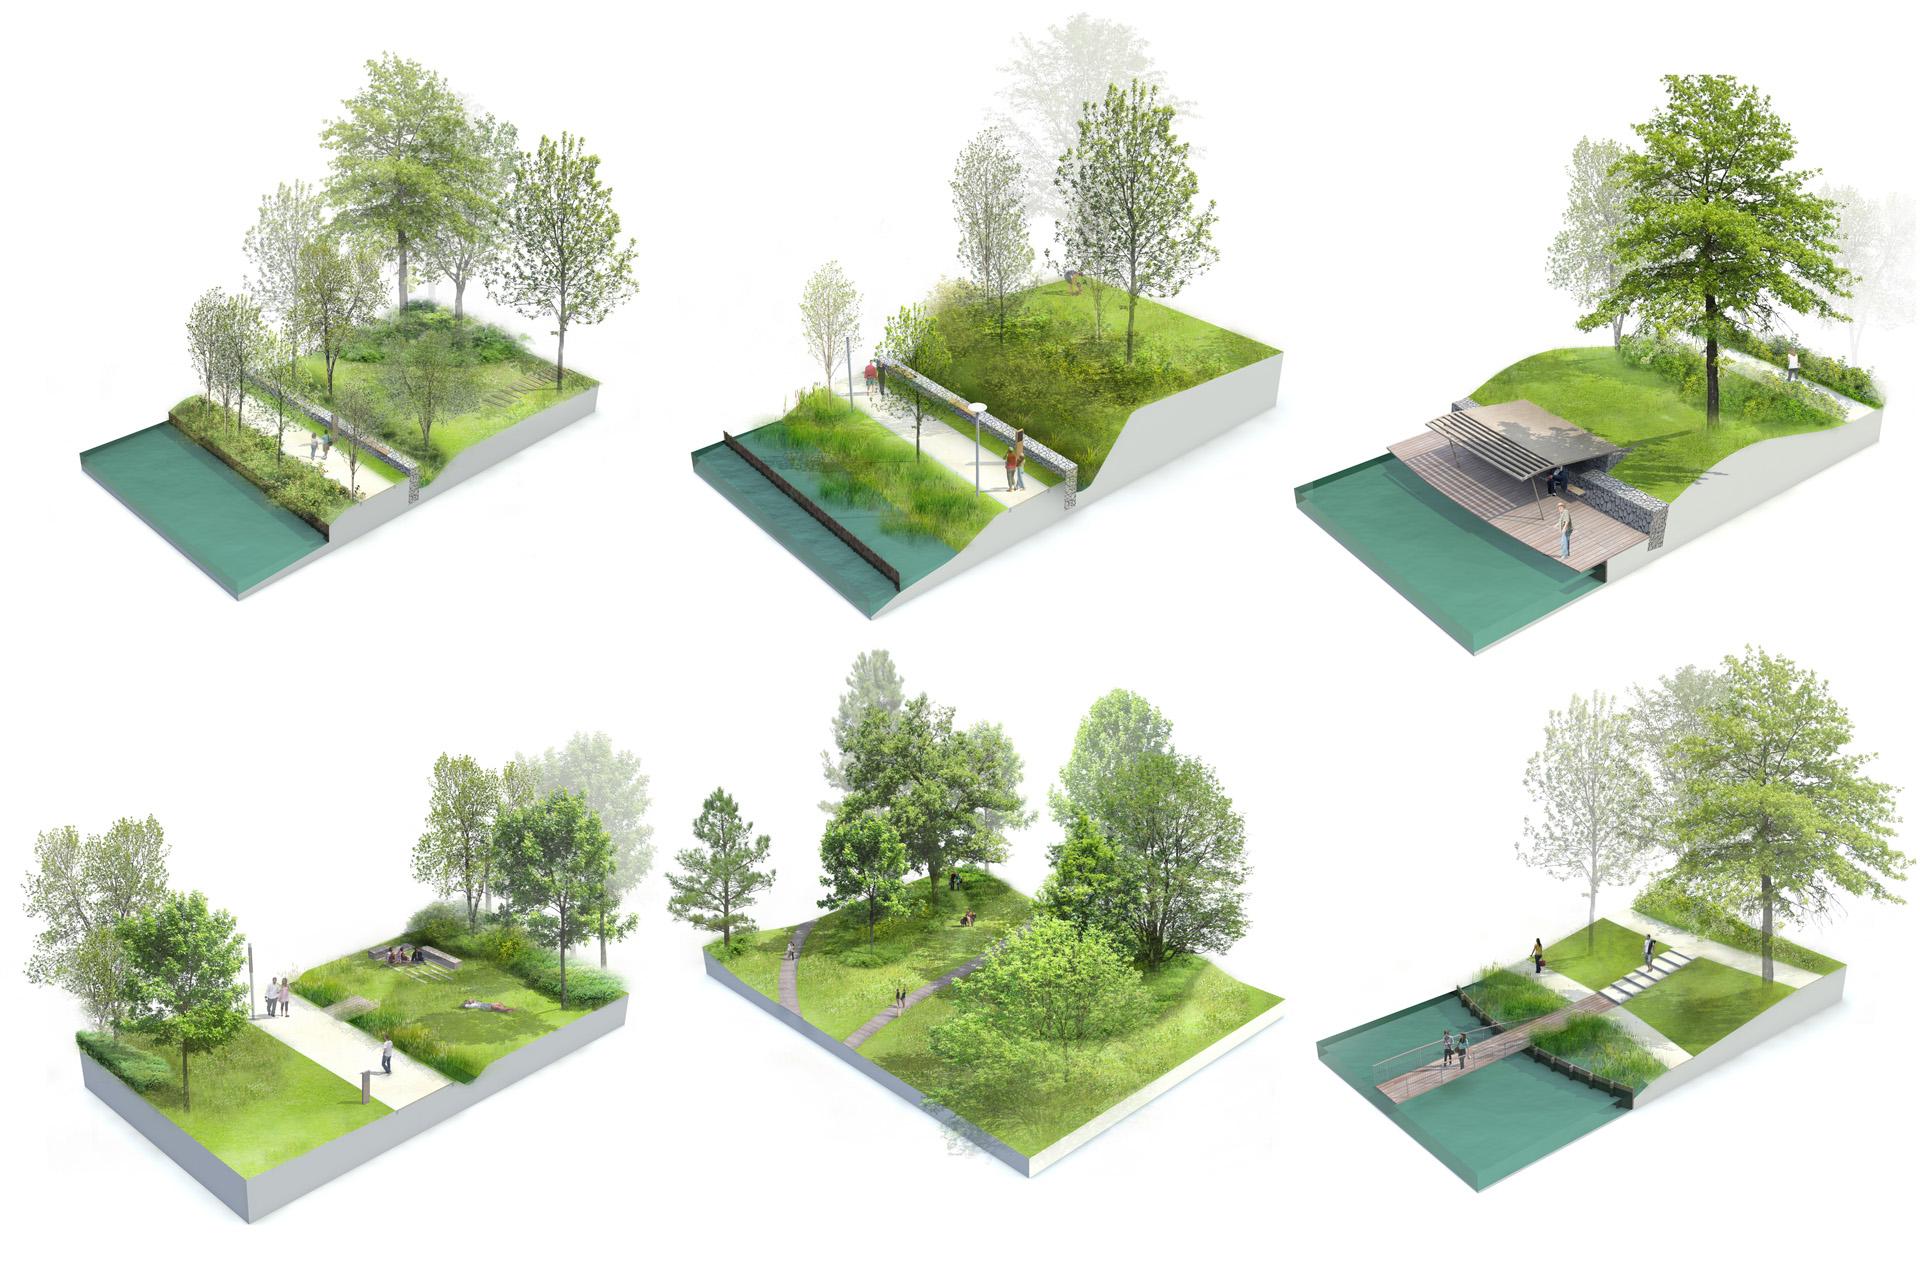 Blocs 3D éclatés sur les thématiques d'aménagement du Parc de wambrechies